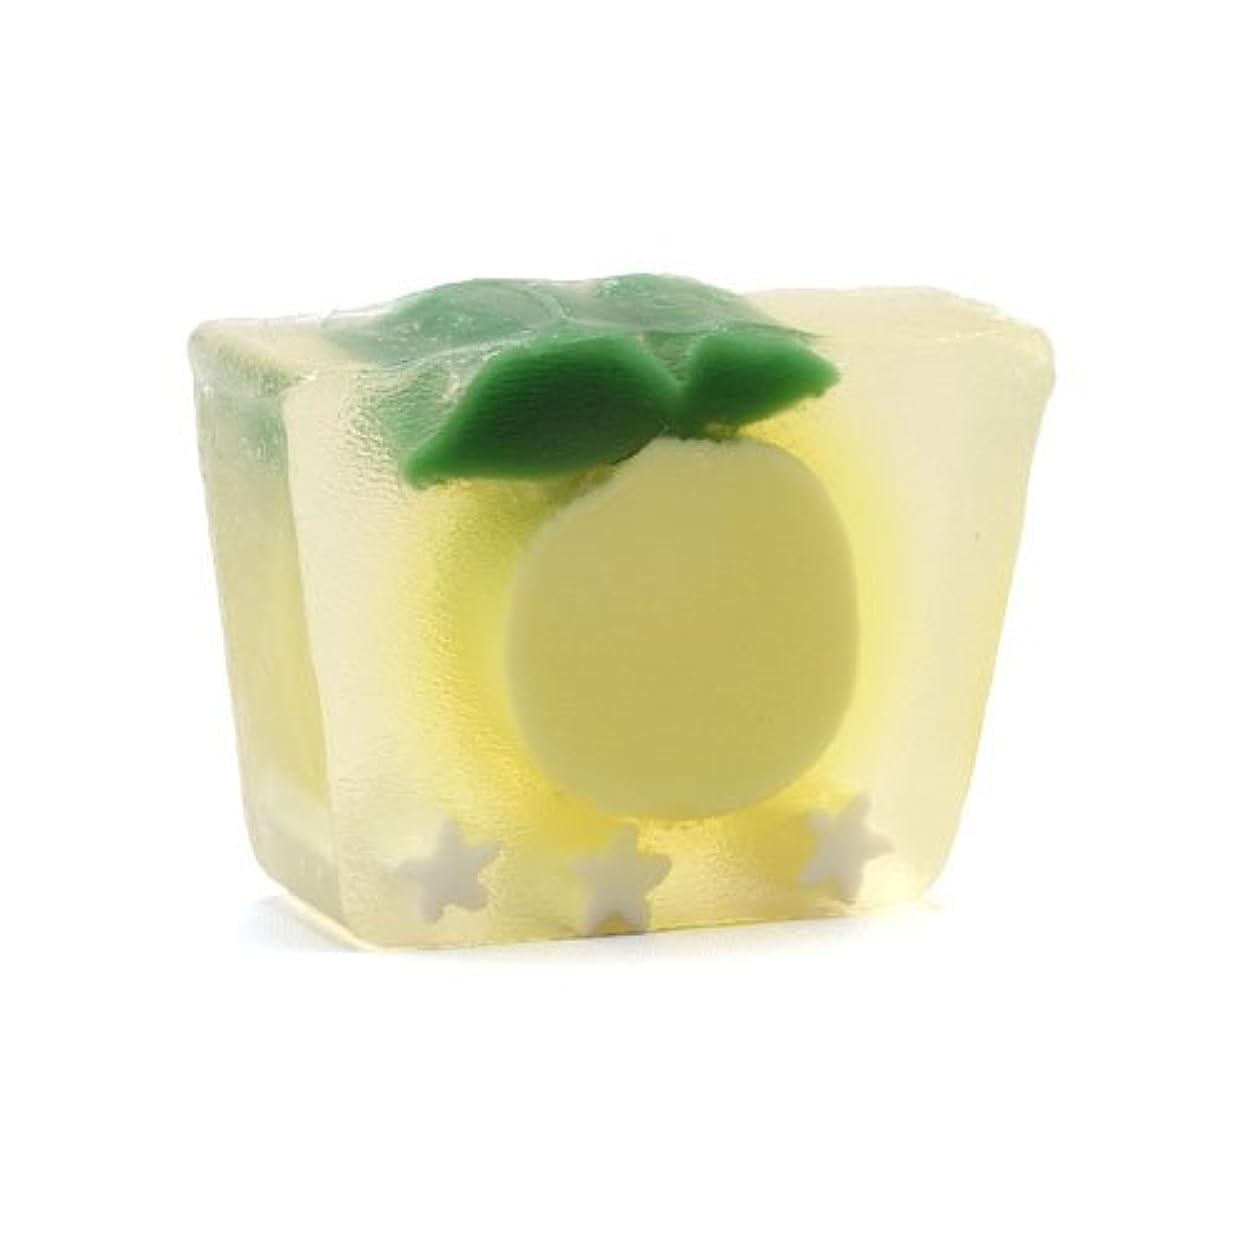 バルブカビじゃがいもプライモールエレメンツ アロマティック ミニソープ カリフォルニアレモン 80g 植物性 ナチュラル 石鹸 無添加